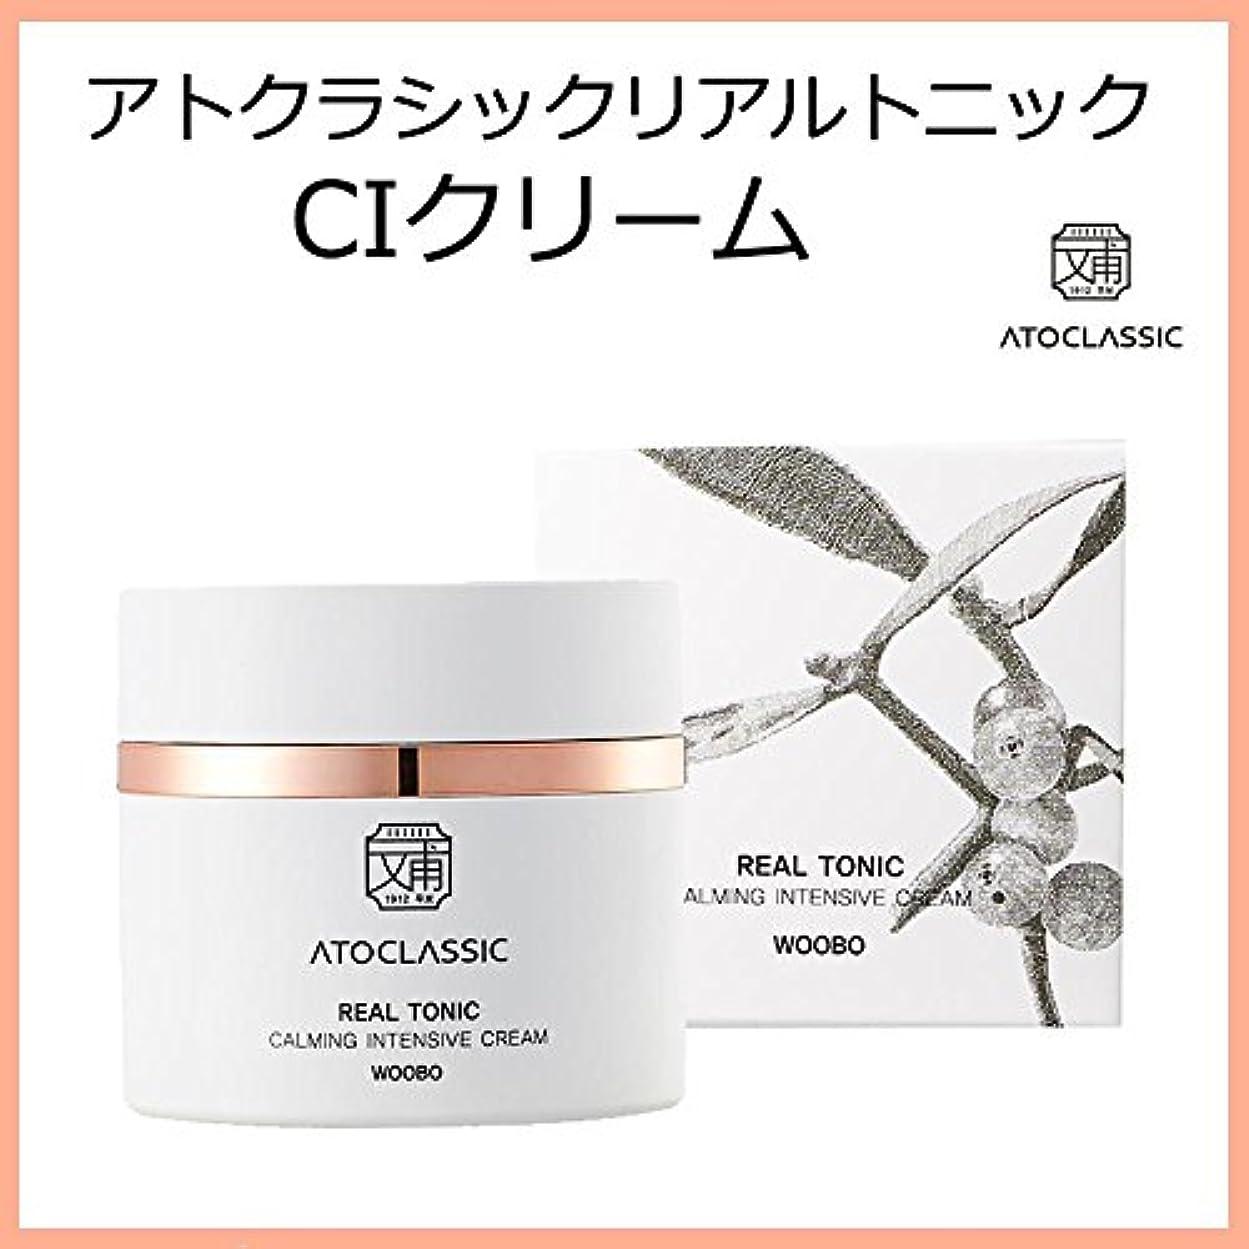 演じる中央値繁栄する韓国コスメ ATOCLASSIC アトクラシックリアルトニック CIクリーム(Calming Intensive Cream) 50ml